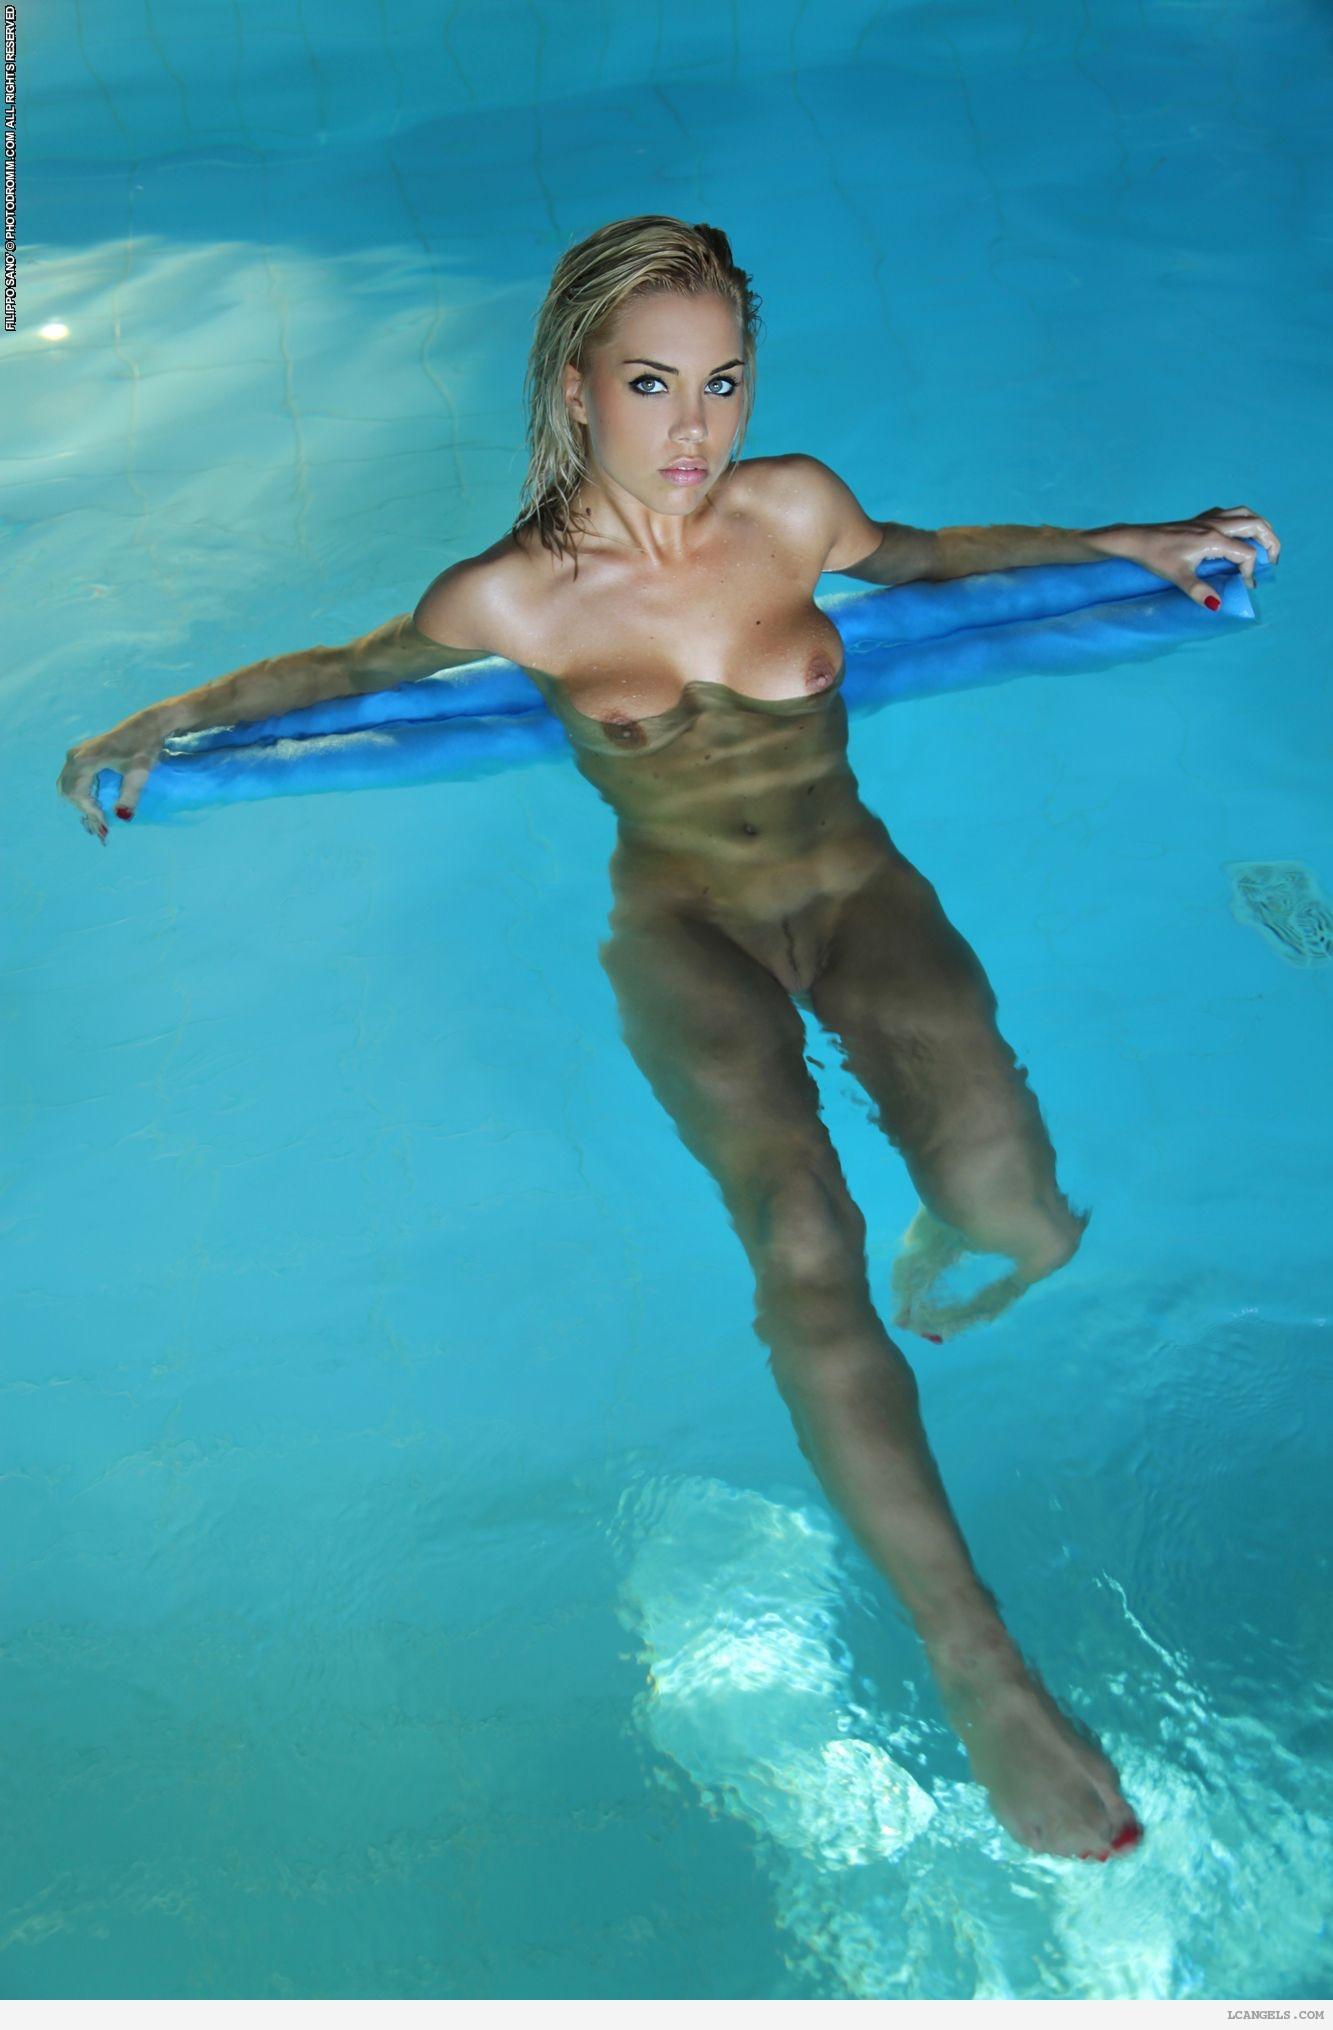 Nude girl swimming pool sex